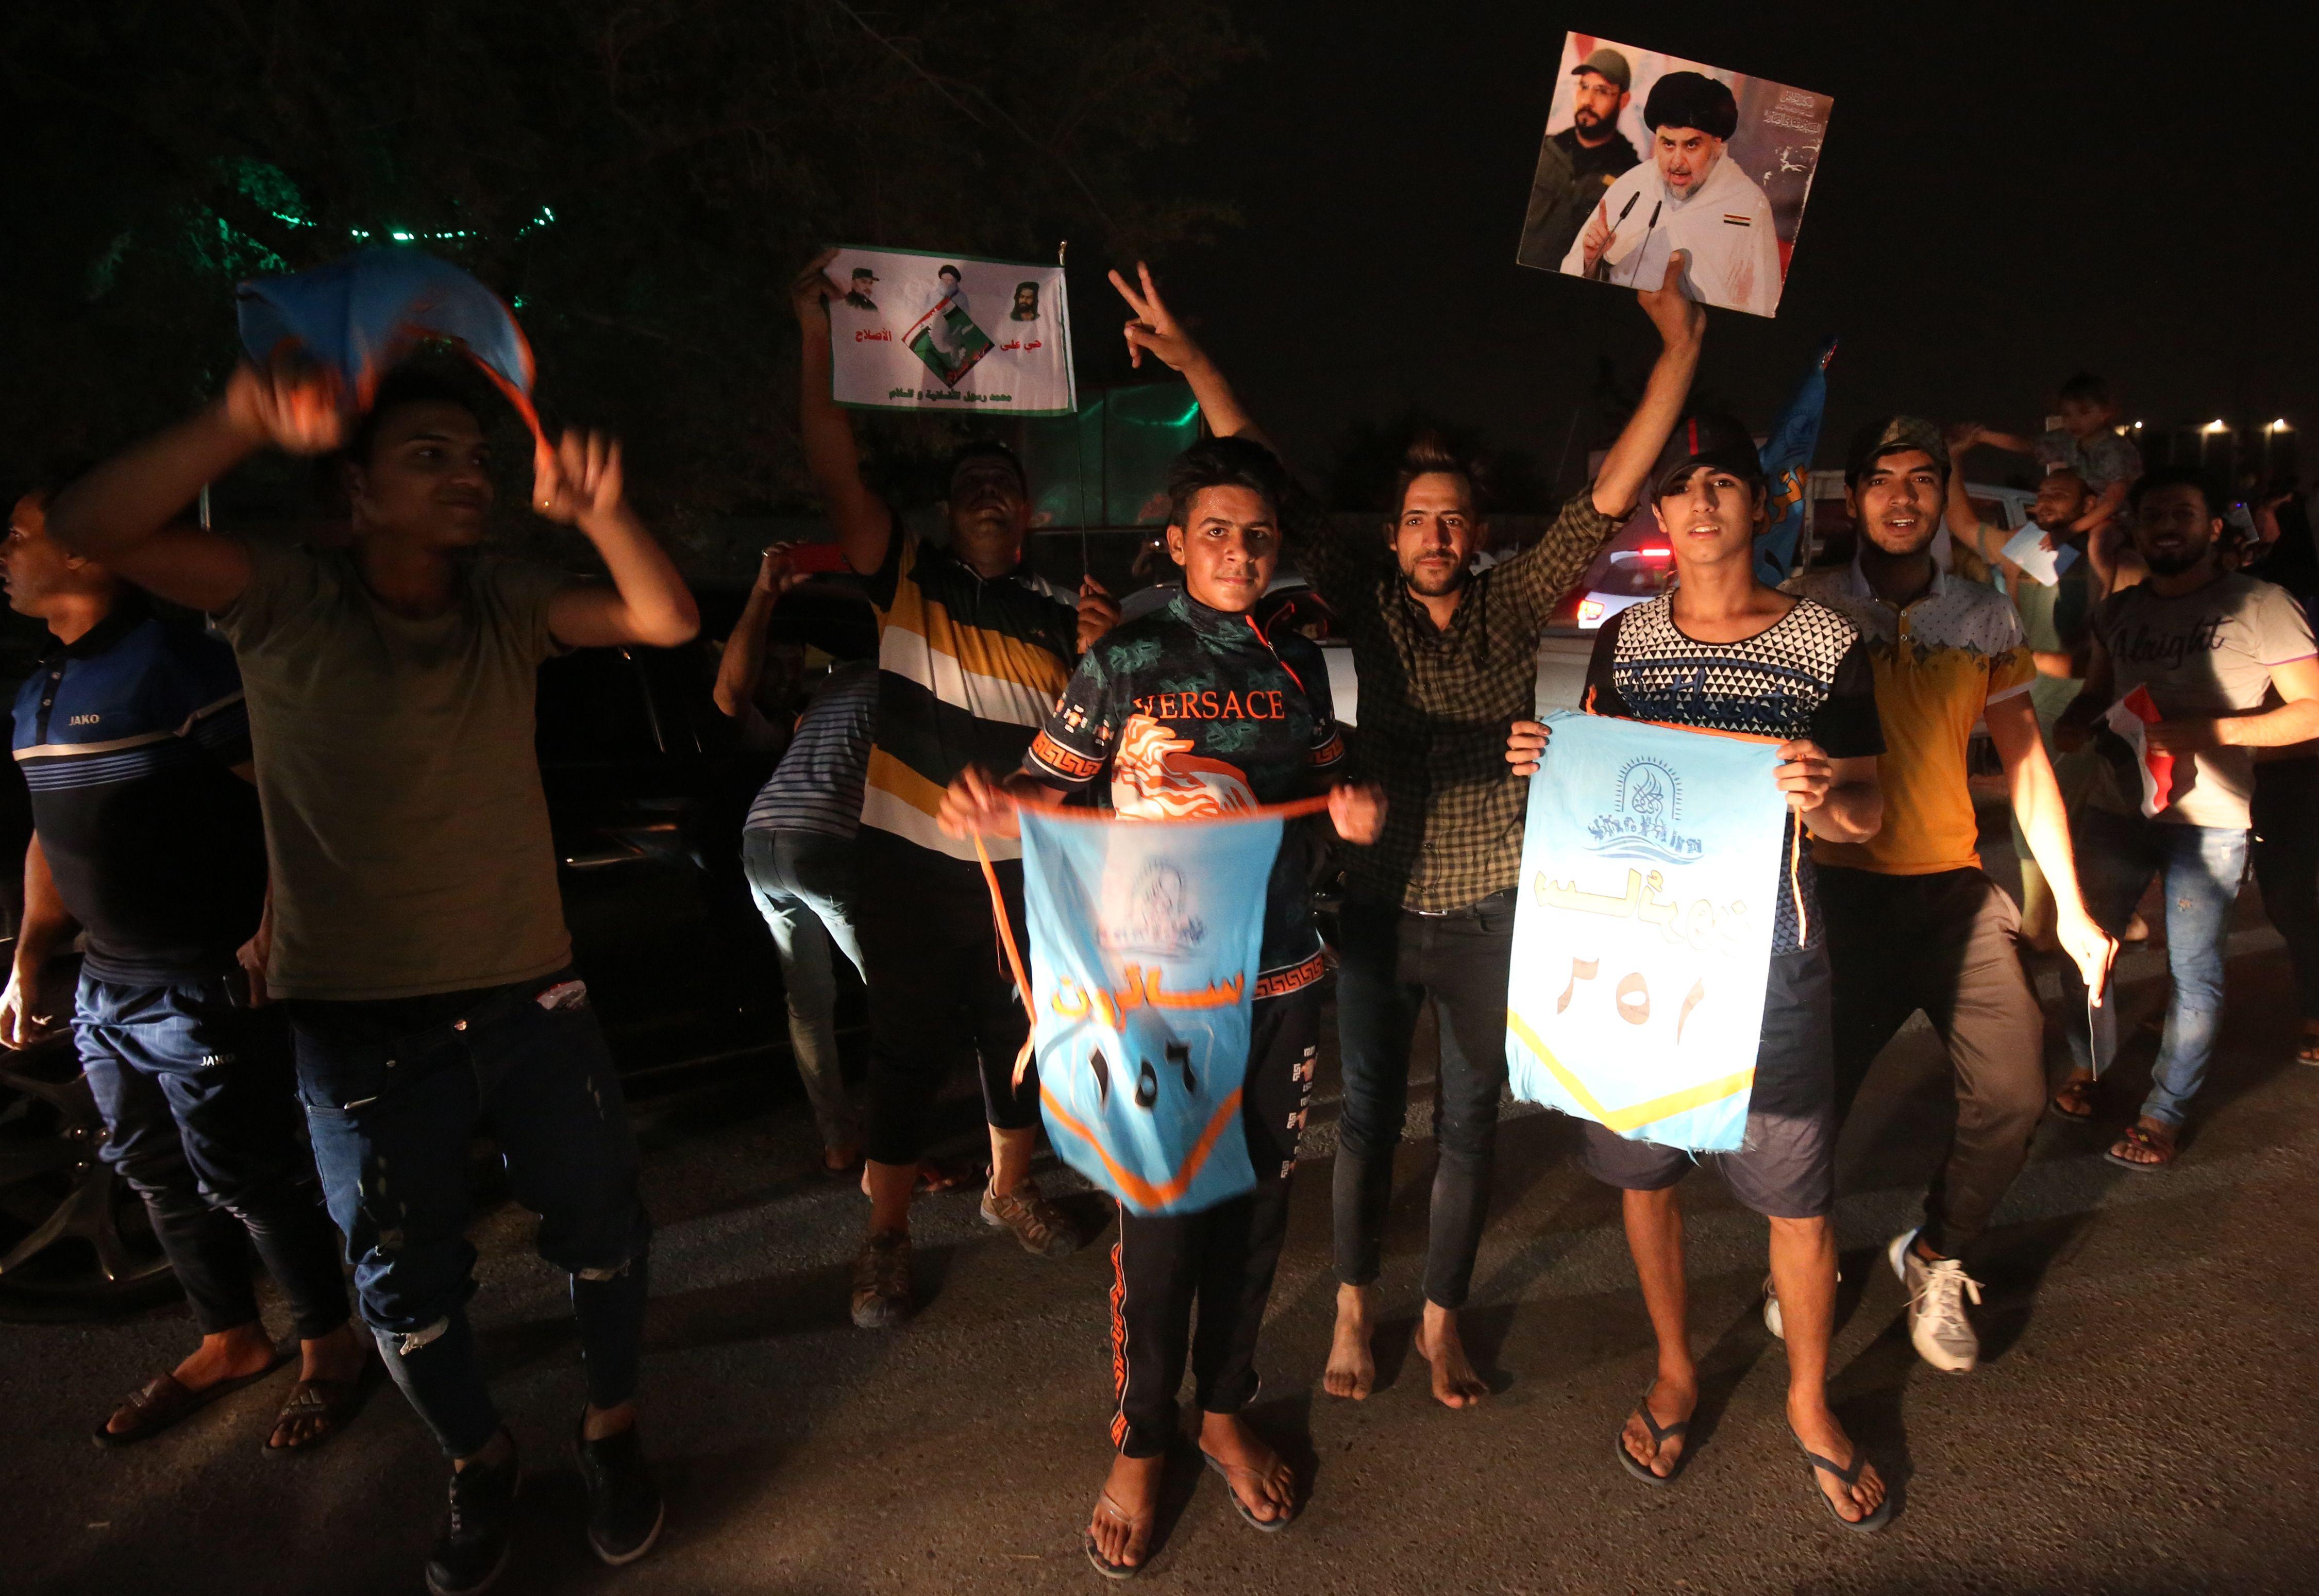 أنصار مقتدى الصدر يحتفلون بالتقدم فى نتائج الانتخابات التشريعية